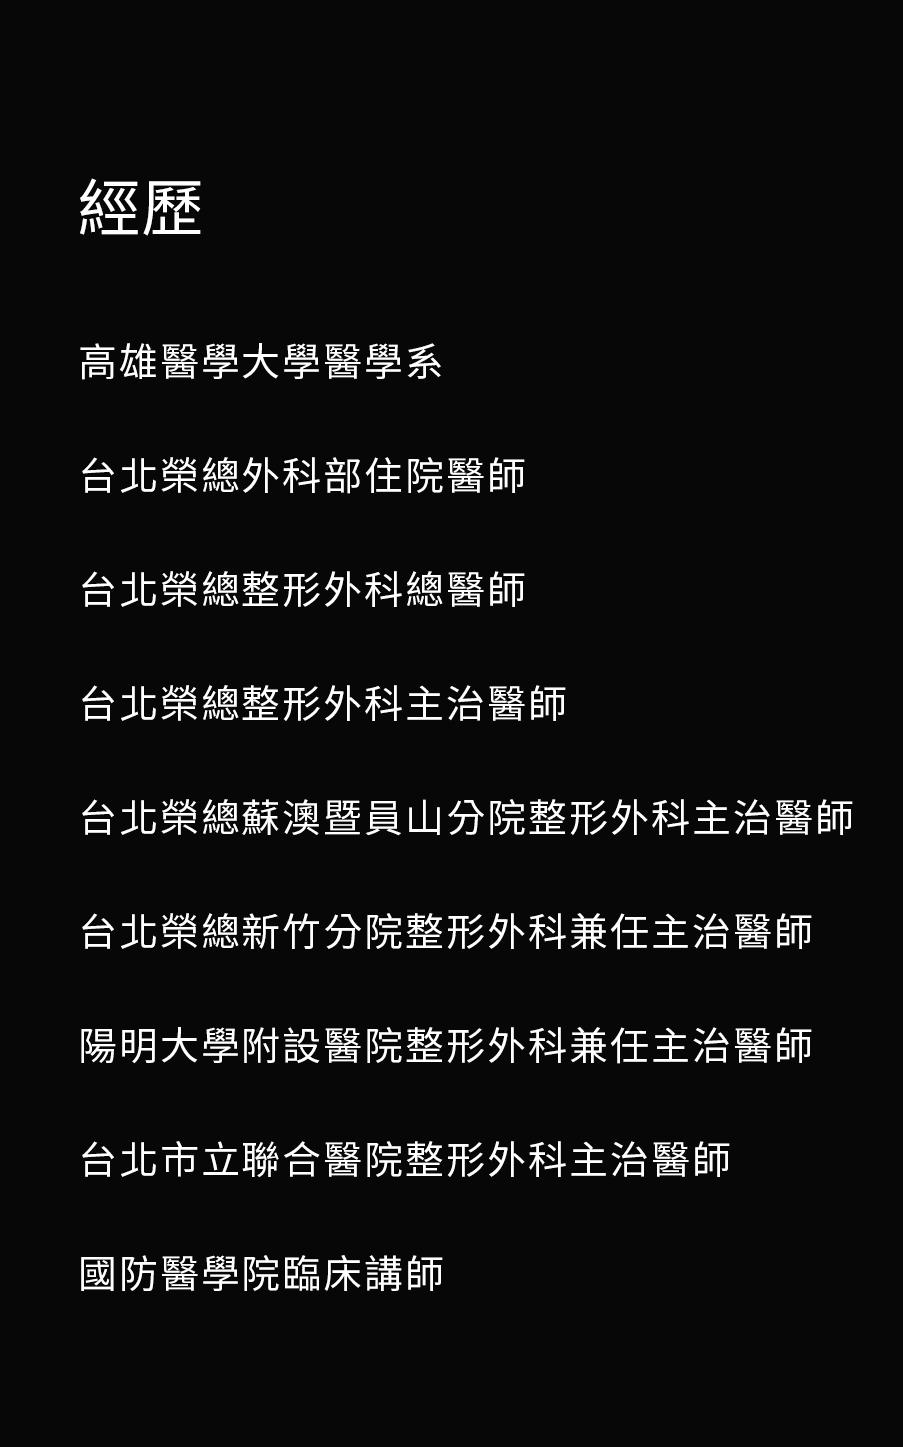 P陳承謙-01